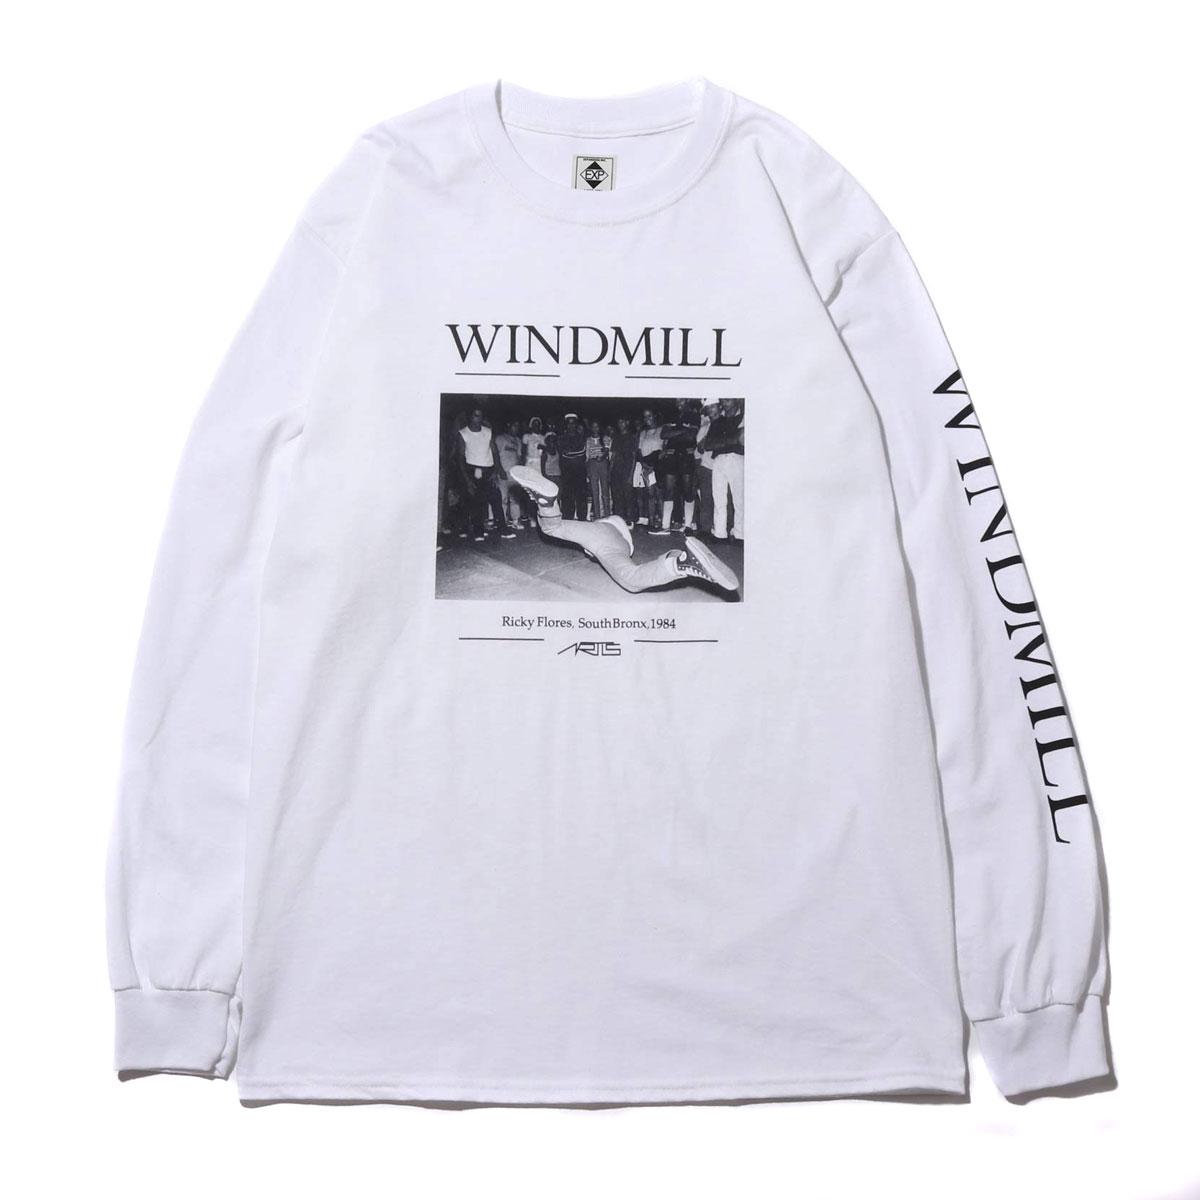 ARTIS WINDMILL LS TEE (アトモス アーティズ ウインドミル ロングスリーブ ティ)WHITE【メンズ 長袖Tシャツ】19SP-S